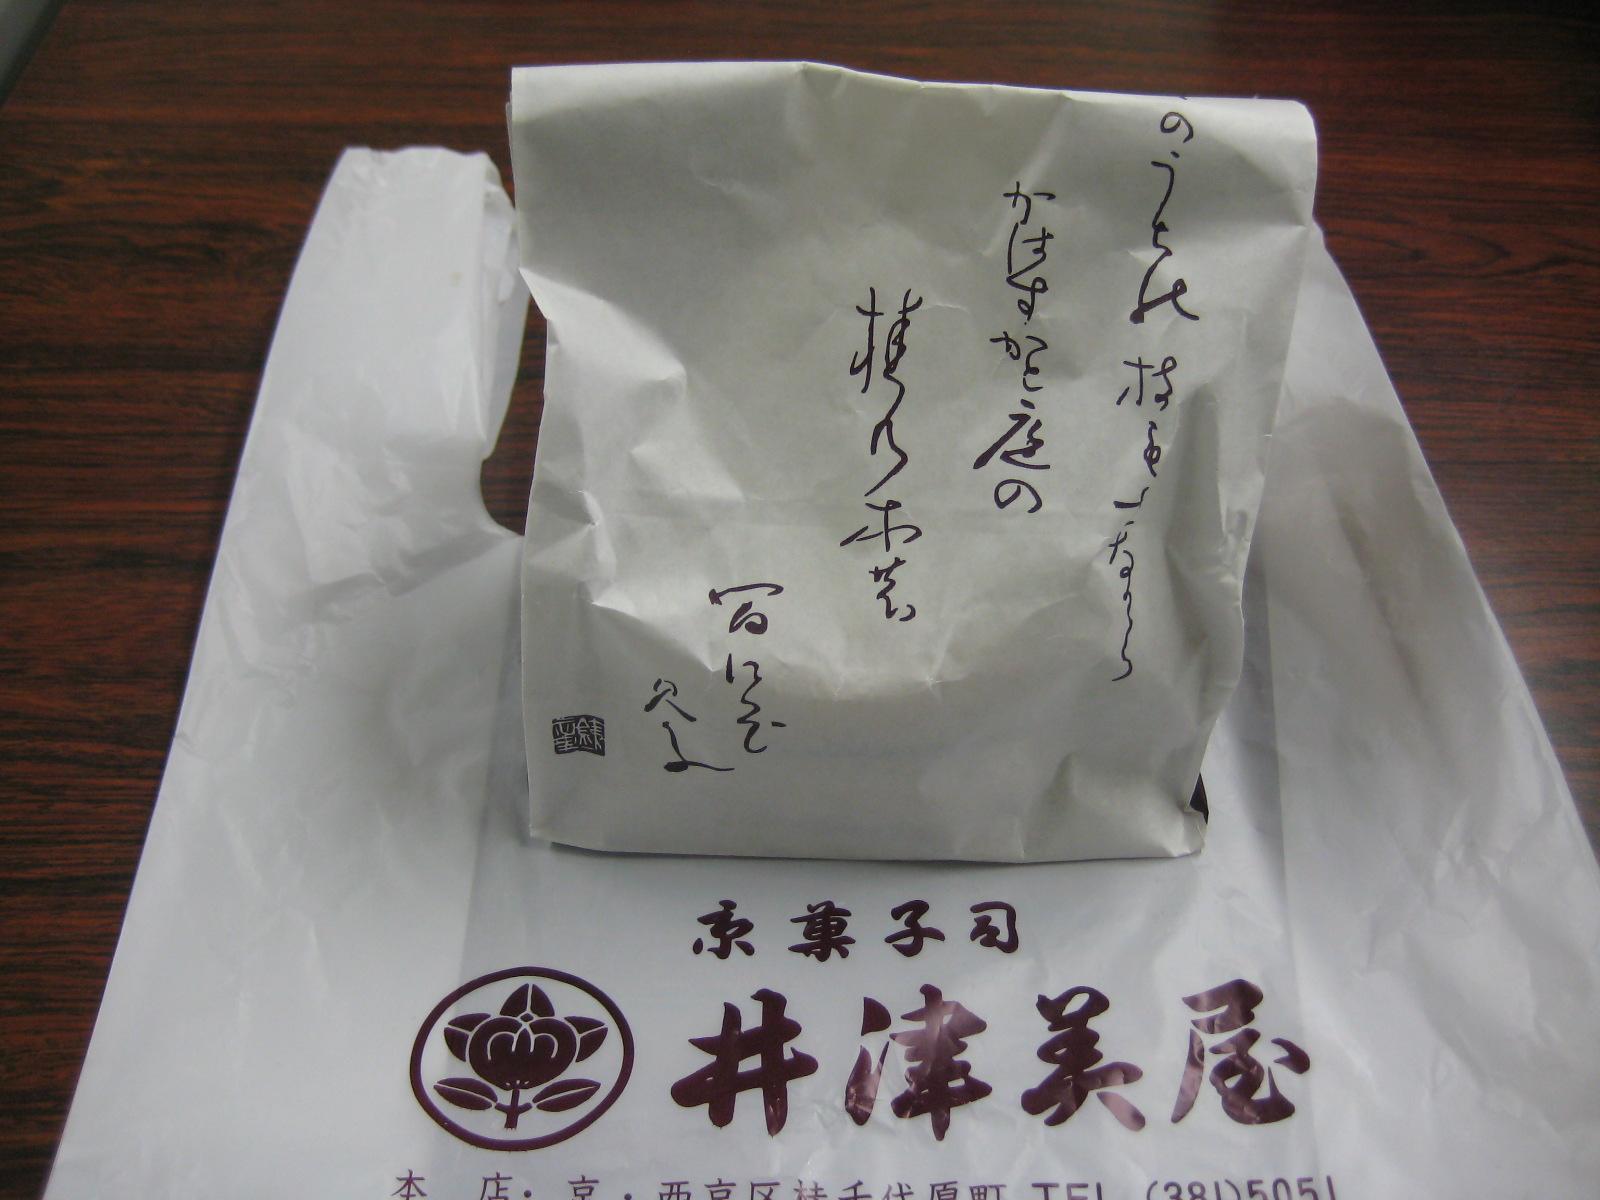 京菓子司 井津美屋 本店